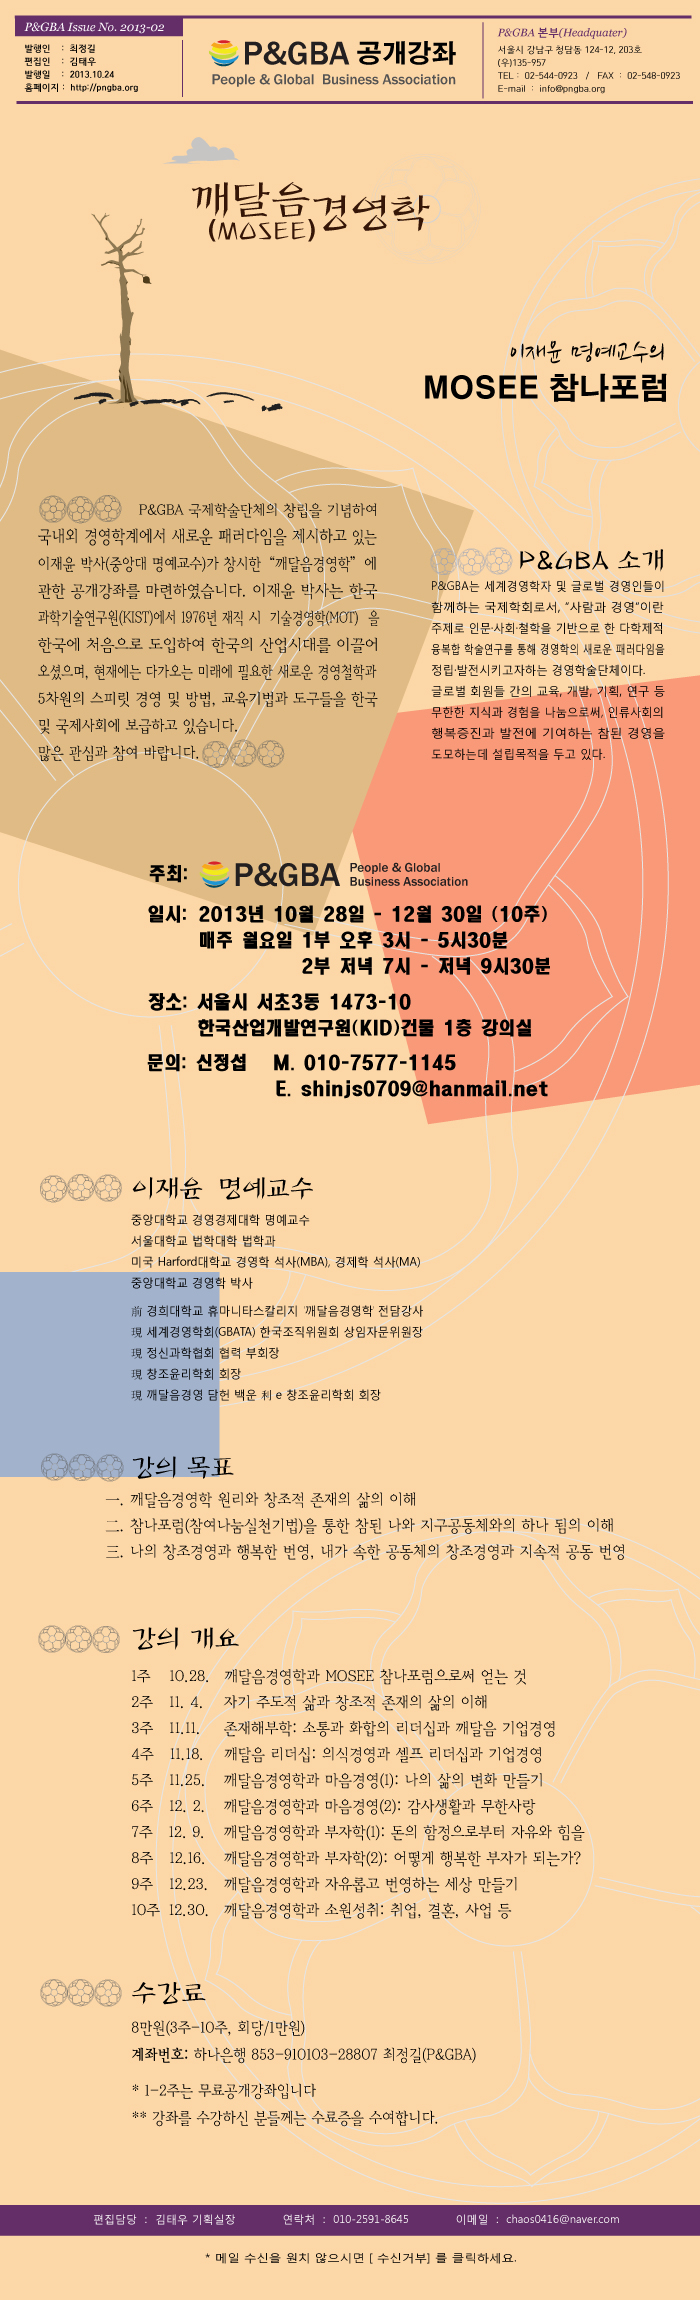 깨달음경영학 공개강좌 ver2 - 20131025.jpg